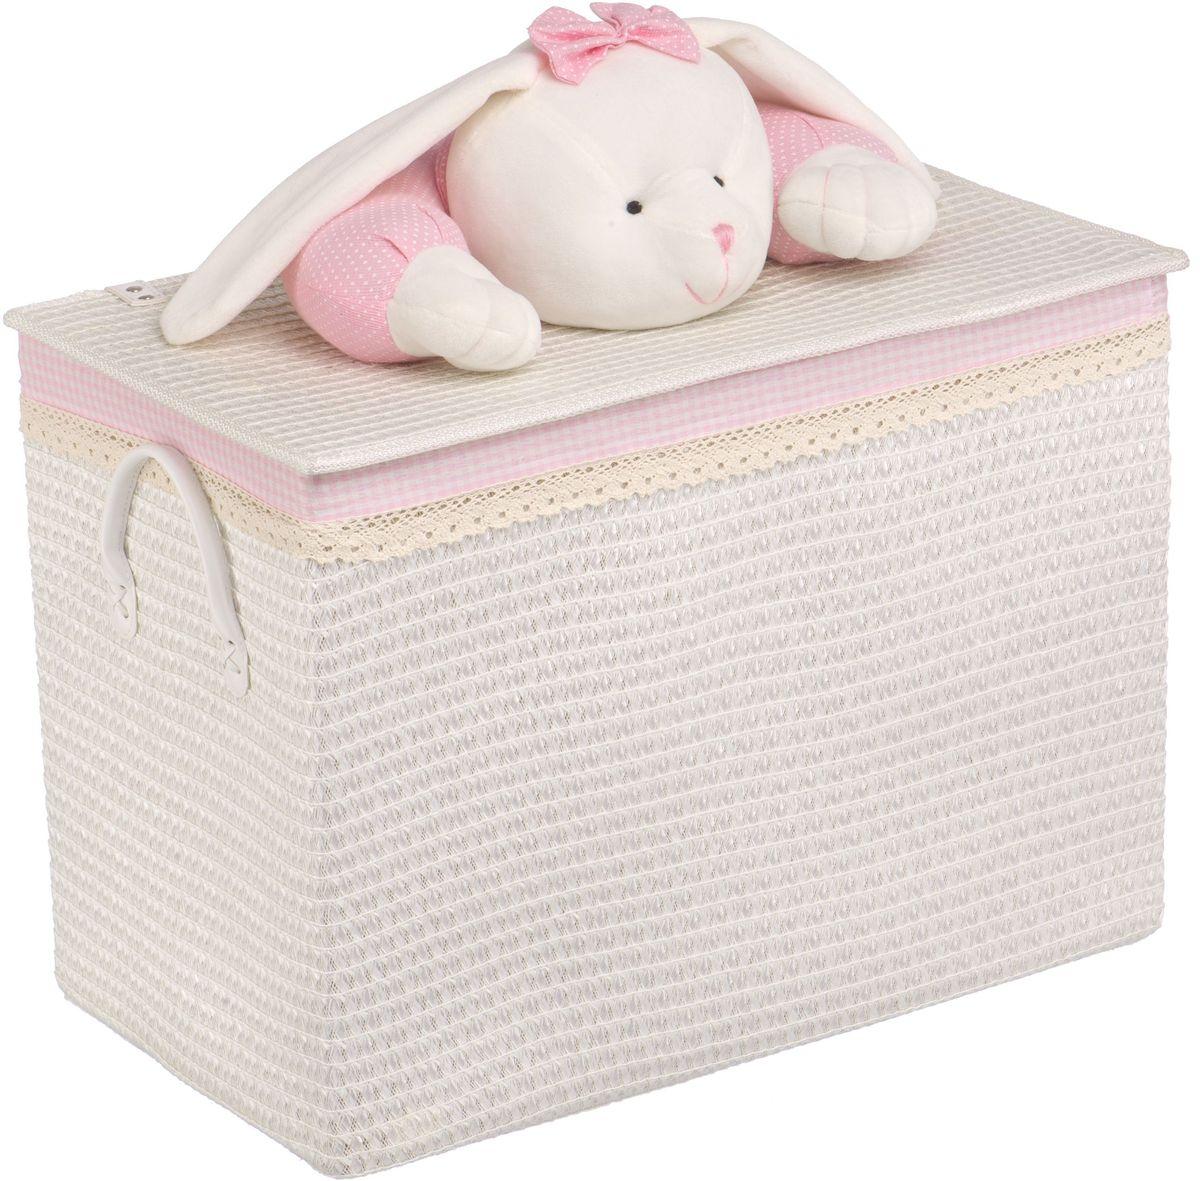 Корзина для белья Natural House Зайчик, цвет: белый, 55 x 32 x 40 смQR-T-04LБельевая корзина Natural House с игрушкой Зайчик отлично подойдет для детской. Корзина с мягкой игрушкой способна оживить обстановку и создать атмосферу добра и благополучия в любом помещении. В корзине легко и удобно хранить игрушки, белье и другие предметы.